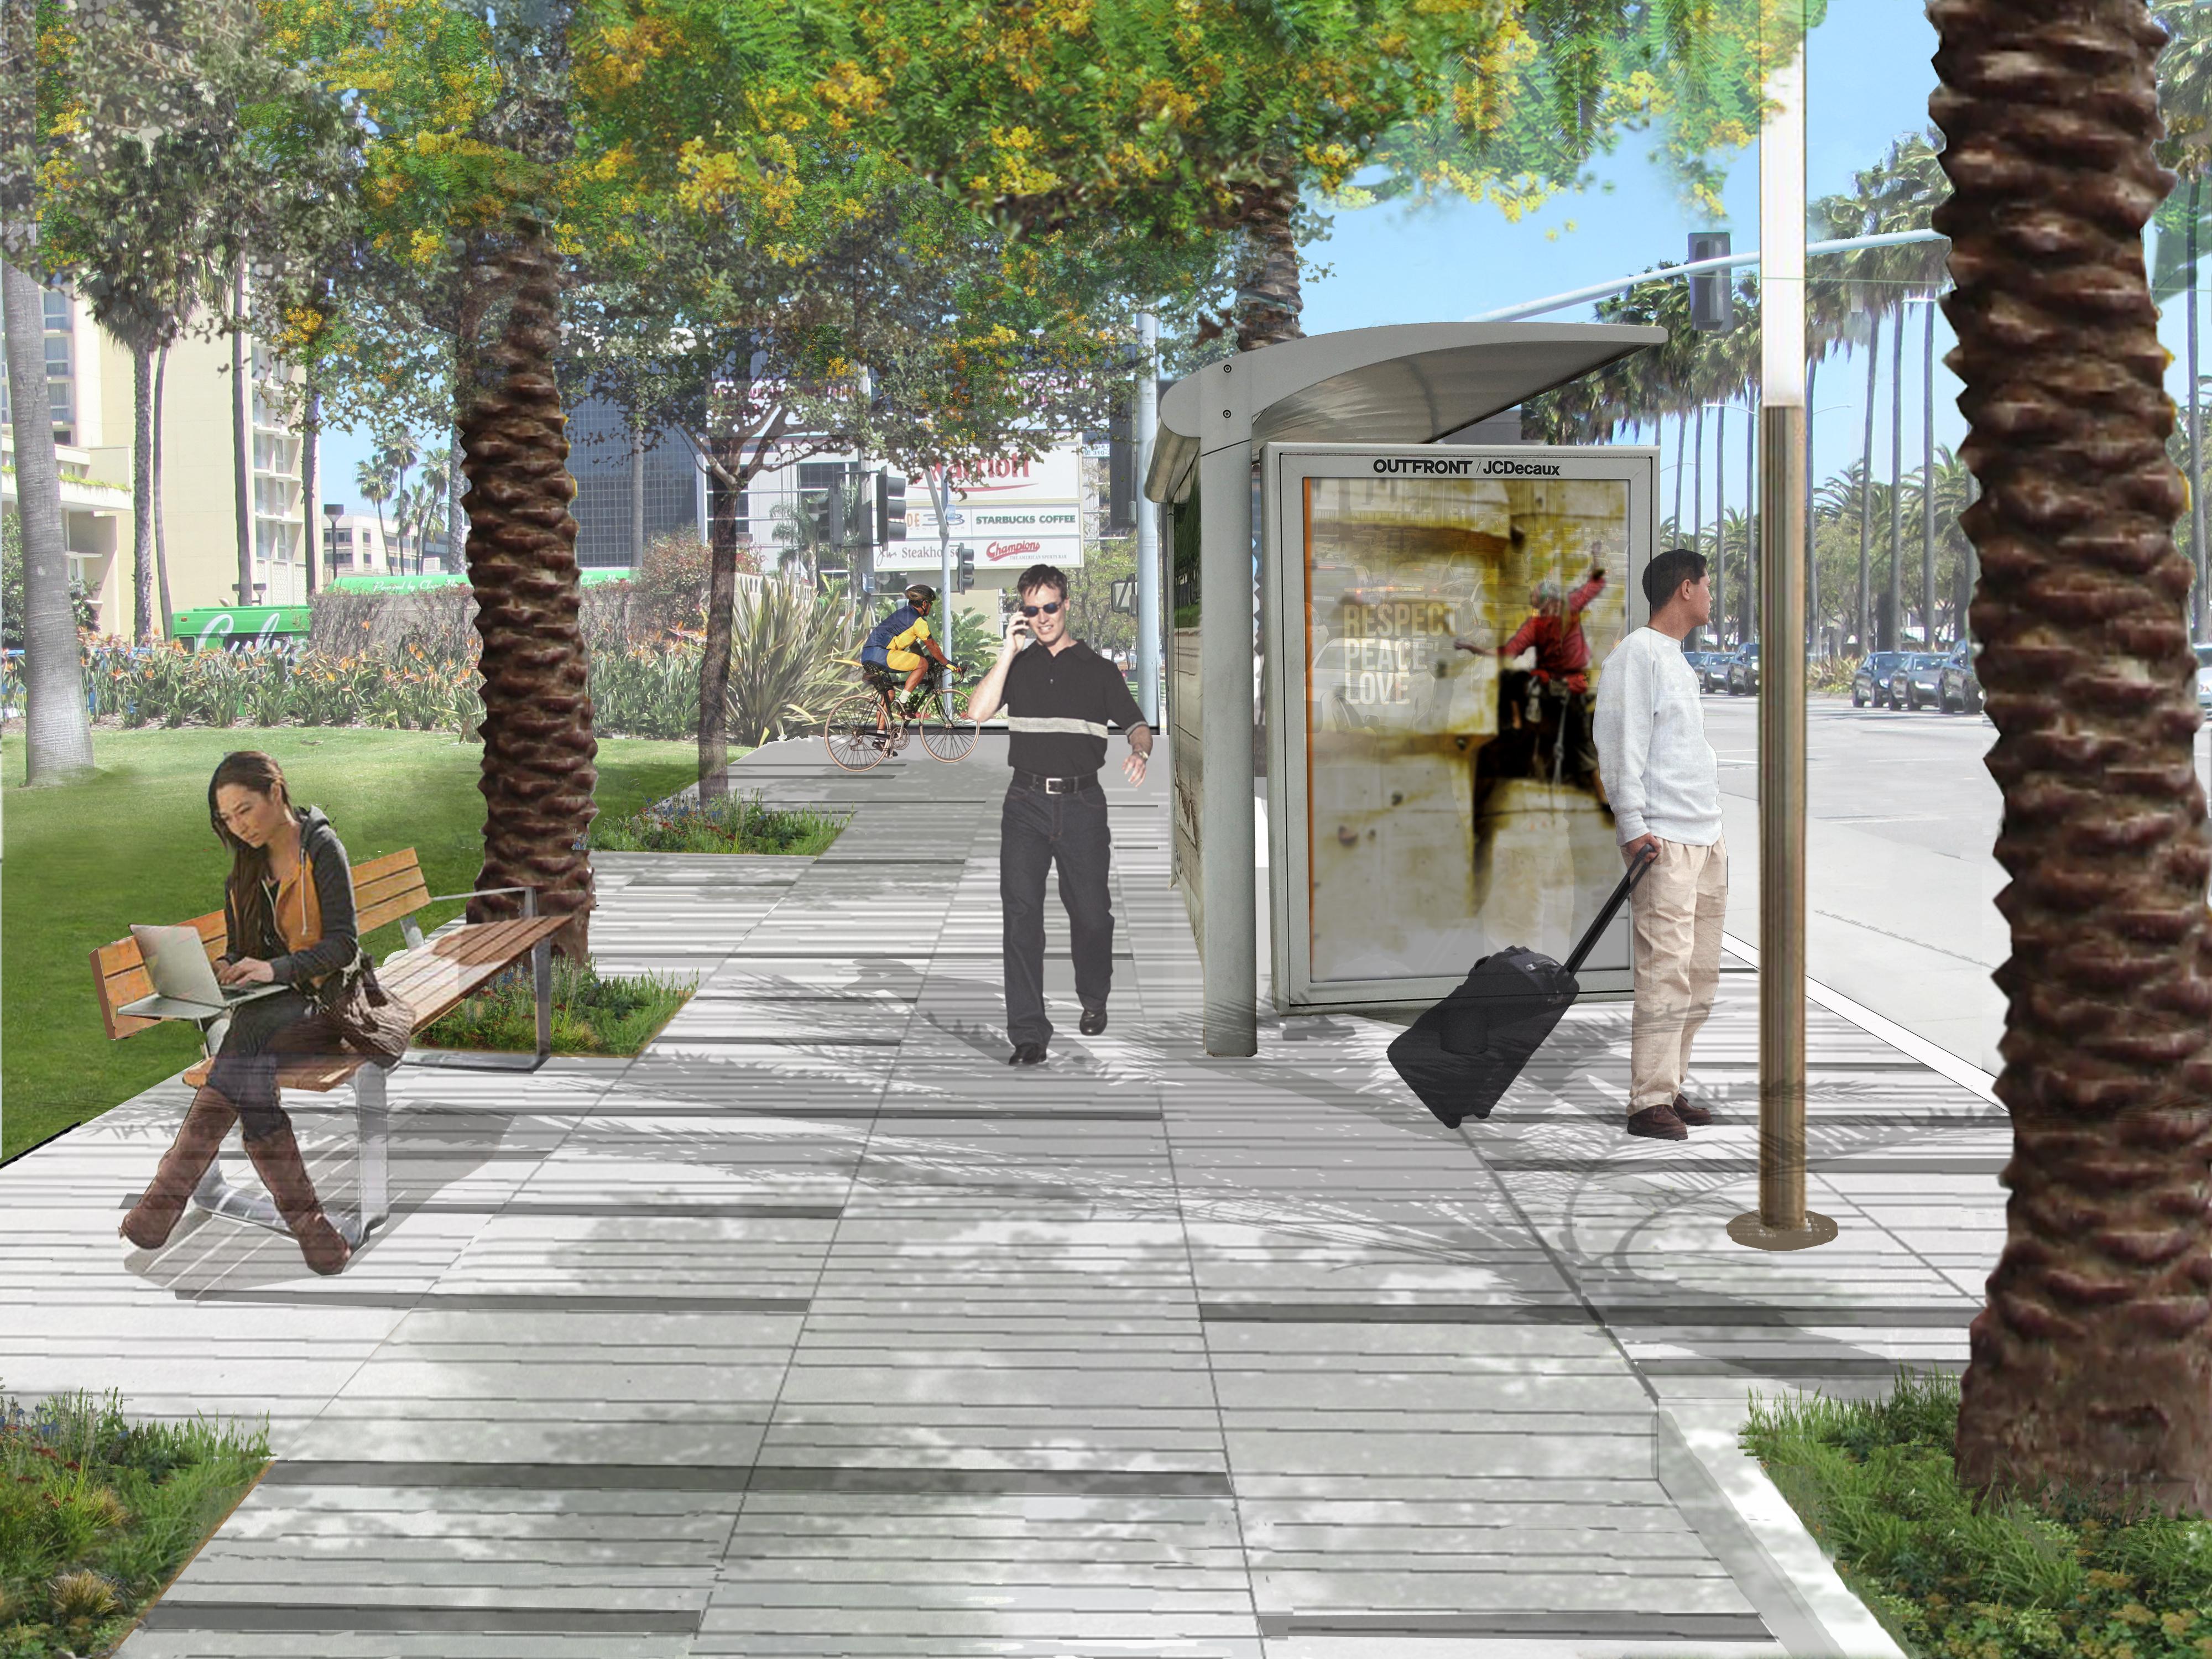 17-0912_Street View-transit stop